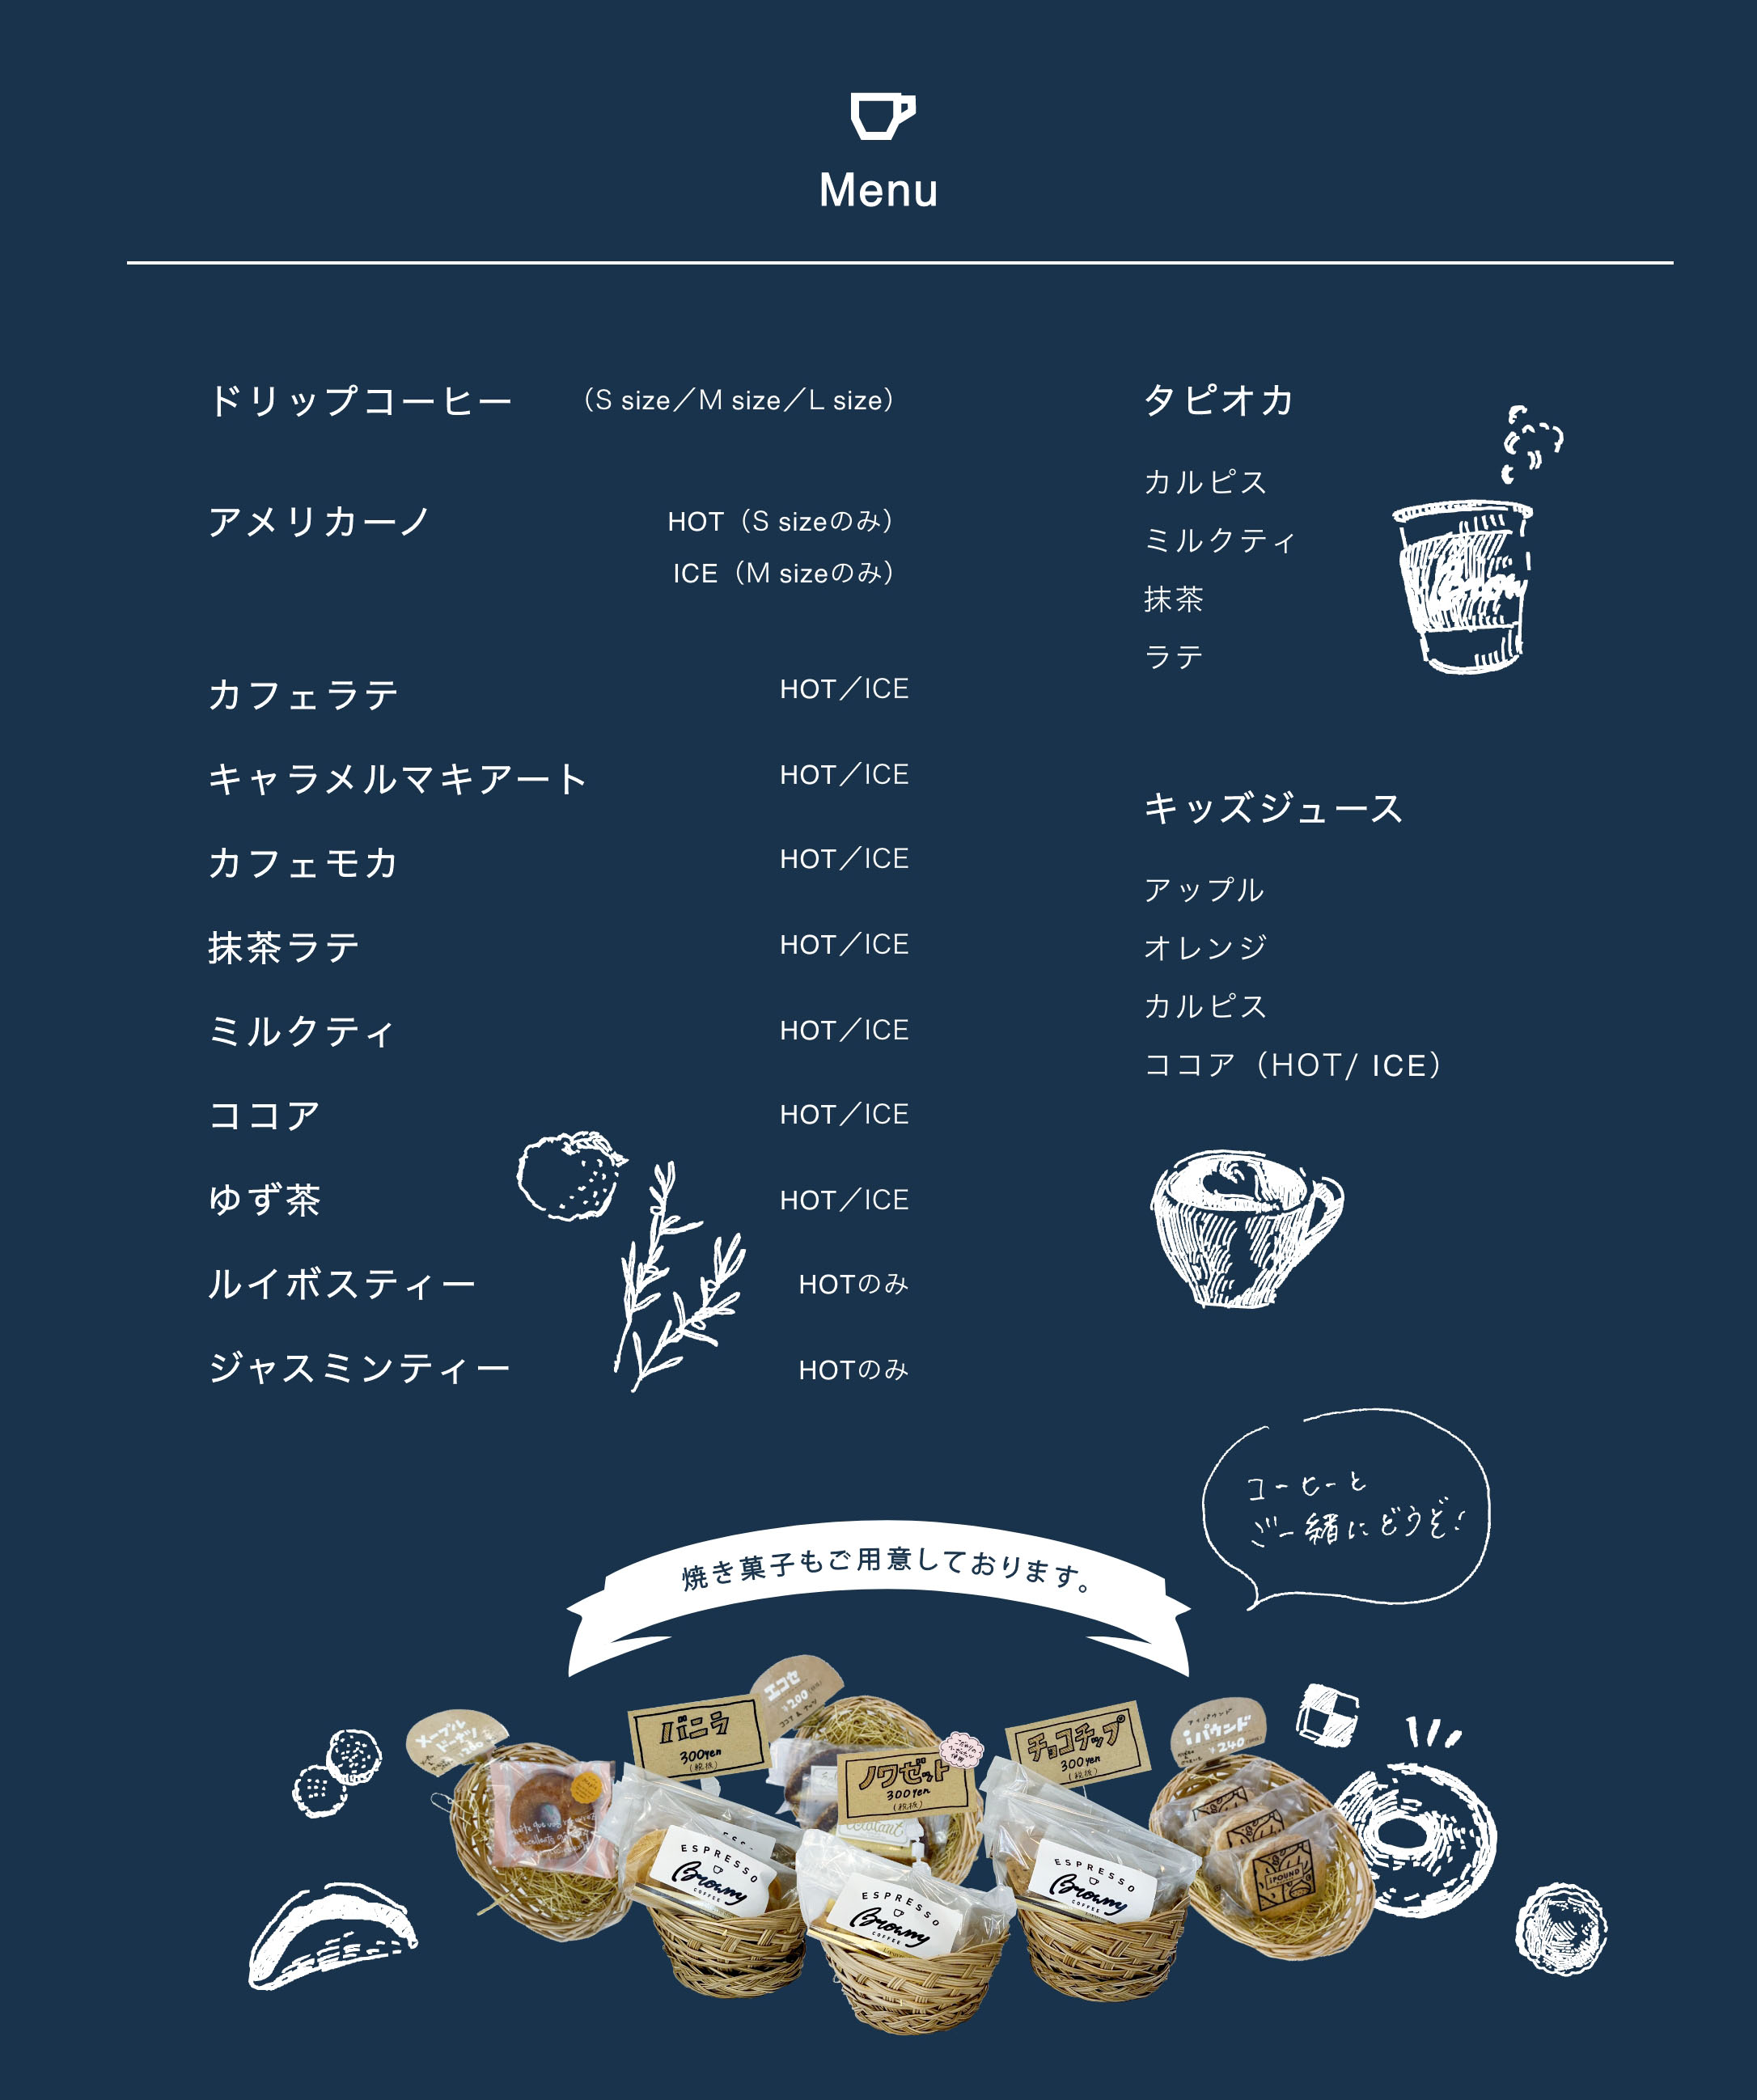 ドリップコーヒー(S size/M size/L size)、アメリカーノ HOT(S sizeのみ)ICE(M sizeのみ)、カフェラテ HOT/ICE、キャラメルマキアート HOT/ICE、カフェモカ HOT/ICE、抹茶ラテ HOT/ICE、ミルクティ HOT/ICE、ココア HOT/ICE、ゆず茶 HOT/ICE、ルイボスティー HOTのみ、ジャスミンティー HOTのみ、タピオカ(カルピス・ミルクティ・抹茶・ラテ)、キッズジュース(アップル・オレンジ・カルピス・ココア(HOT/ ICE))